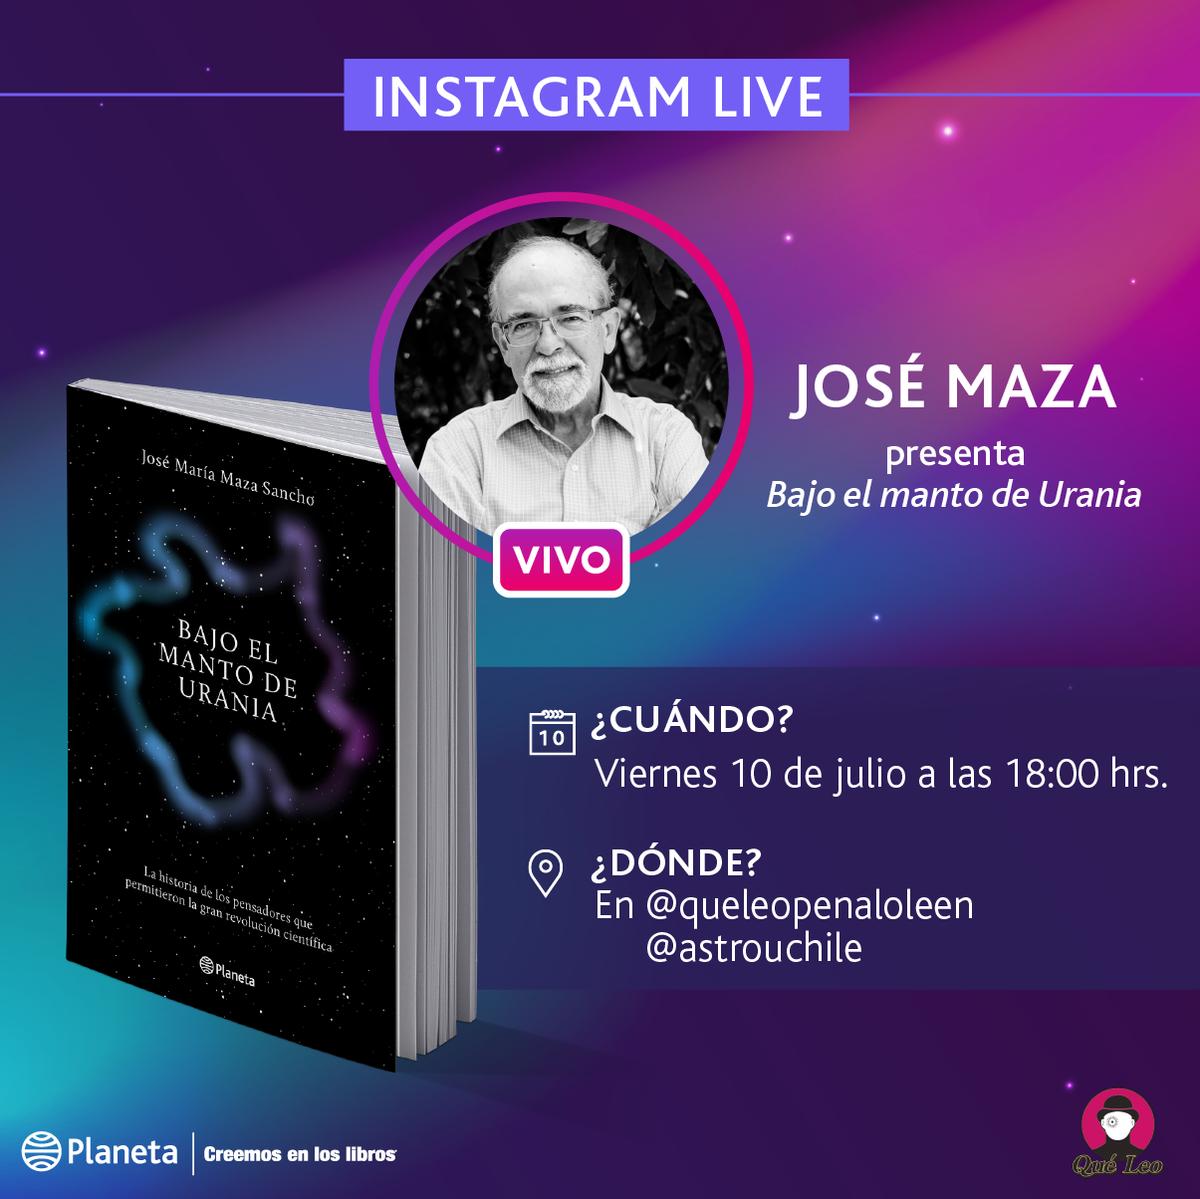 HOY a las 18:00 hrs. en IG Live: el profesor José Maza conversa con librería Qué leo Peñalolen sobre su último libro Bajo el manto de Urania. #KeepReadingEnCasa #CreemosEnLosLibros #AutoresPlanetapic.twitter.com/u3aF2qERNx